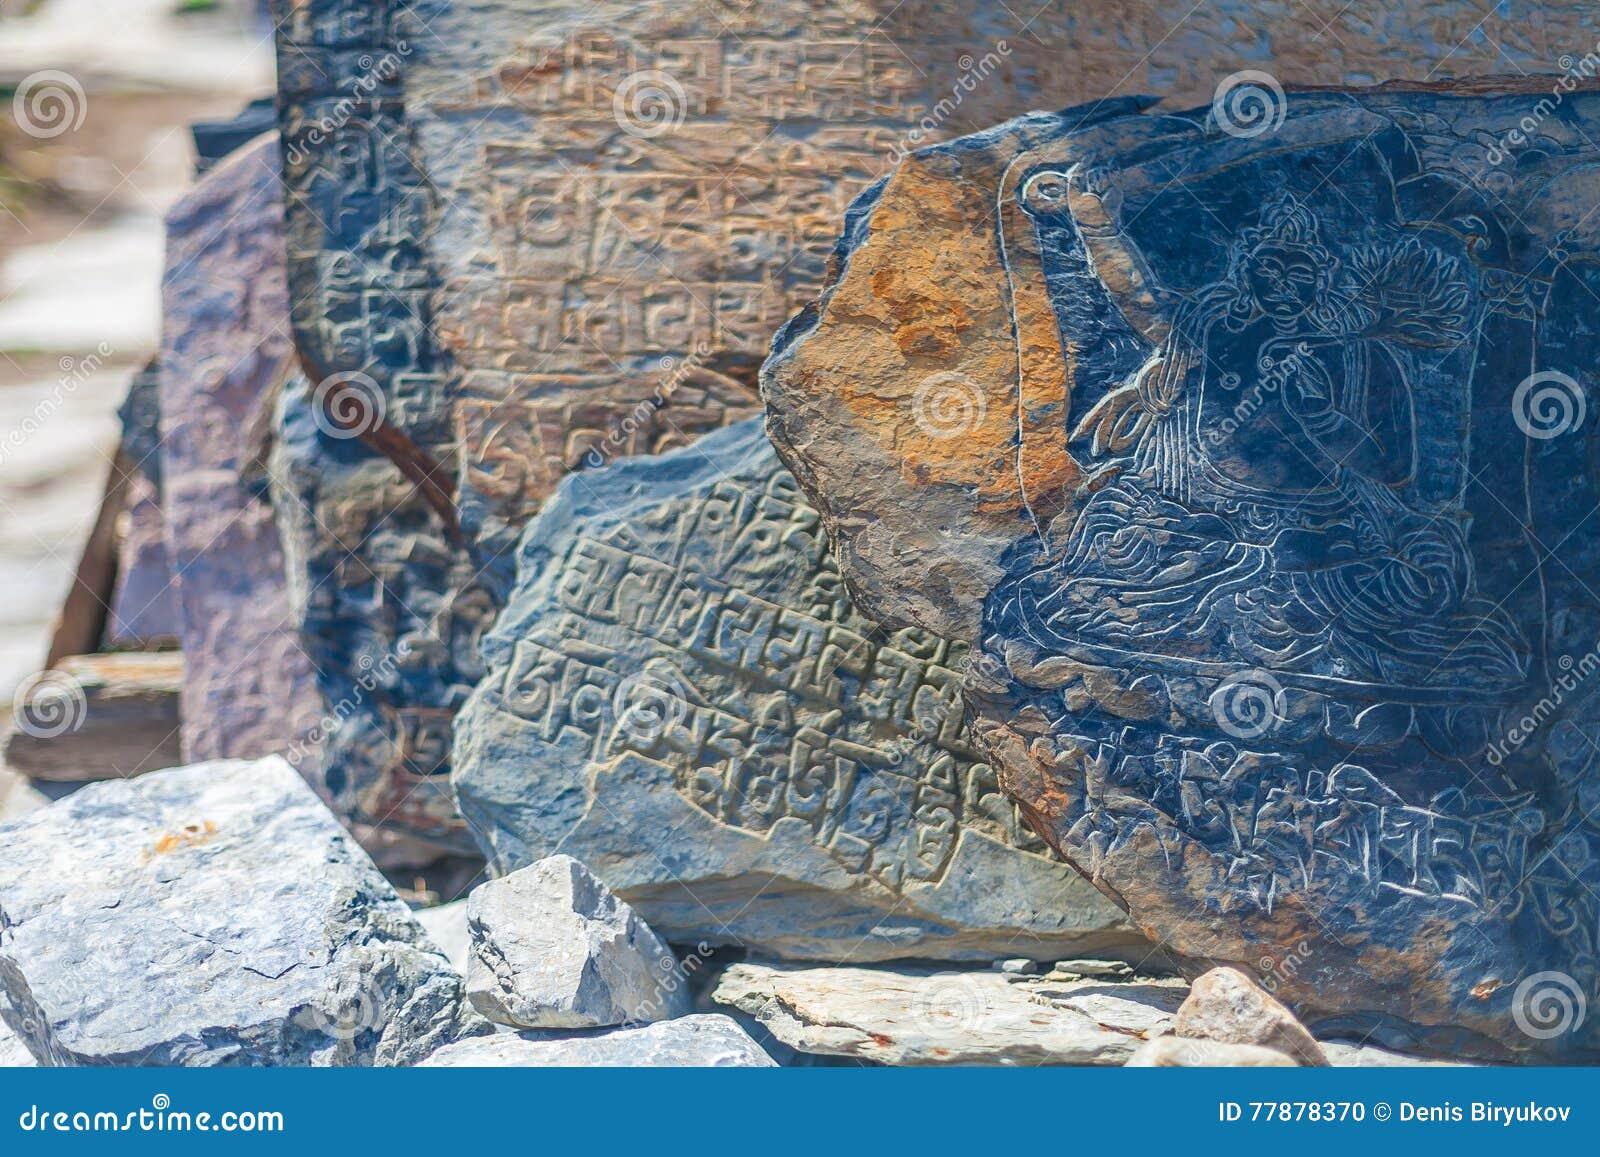 Símbolos Y Mantras De Buddist De La Piedra Del Drenaje De Autentic De La Foto Del Primer Horizontal Viaje Trakking De Nepal Foto de archivo